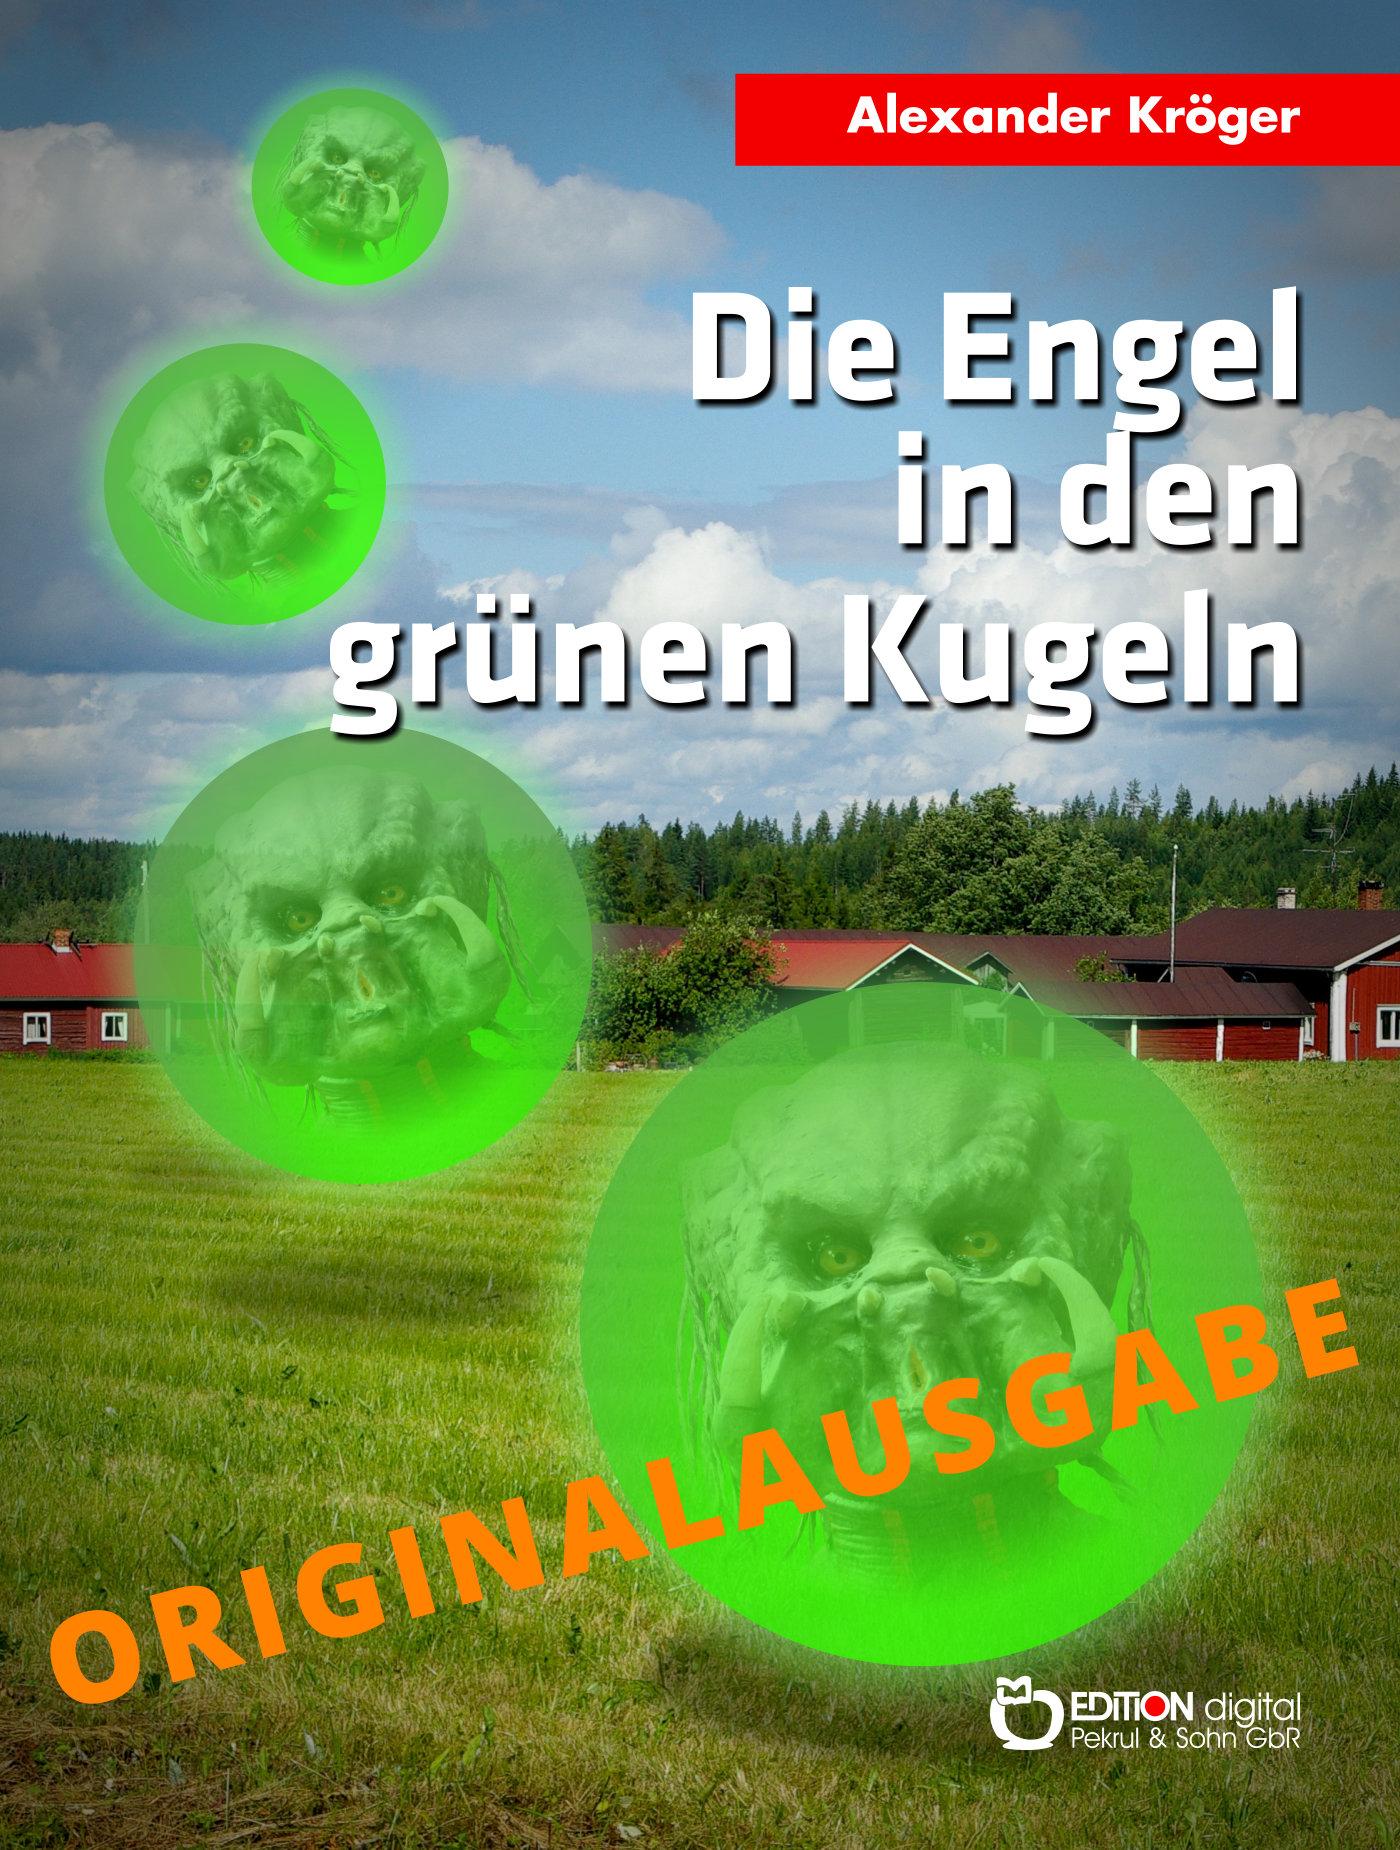 Die Engel in den grünen Kugeln - Originalausgabe. Wissenschaftlich-phantastischer Roman von Alexander Kröger